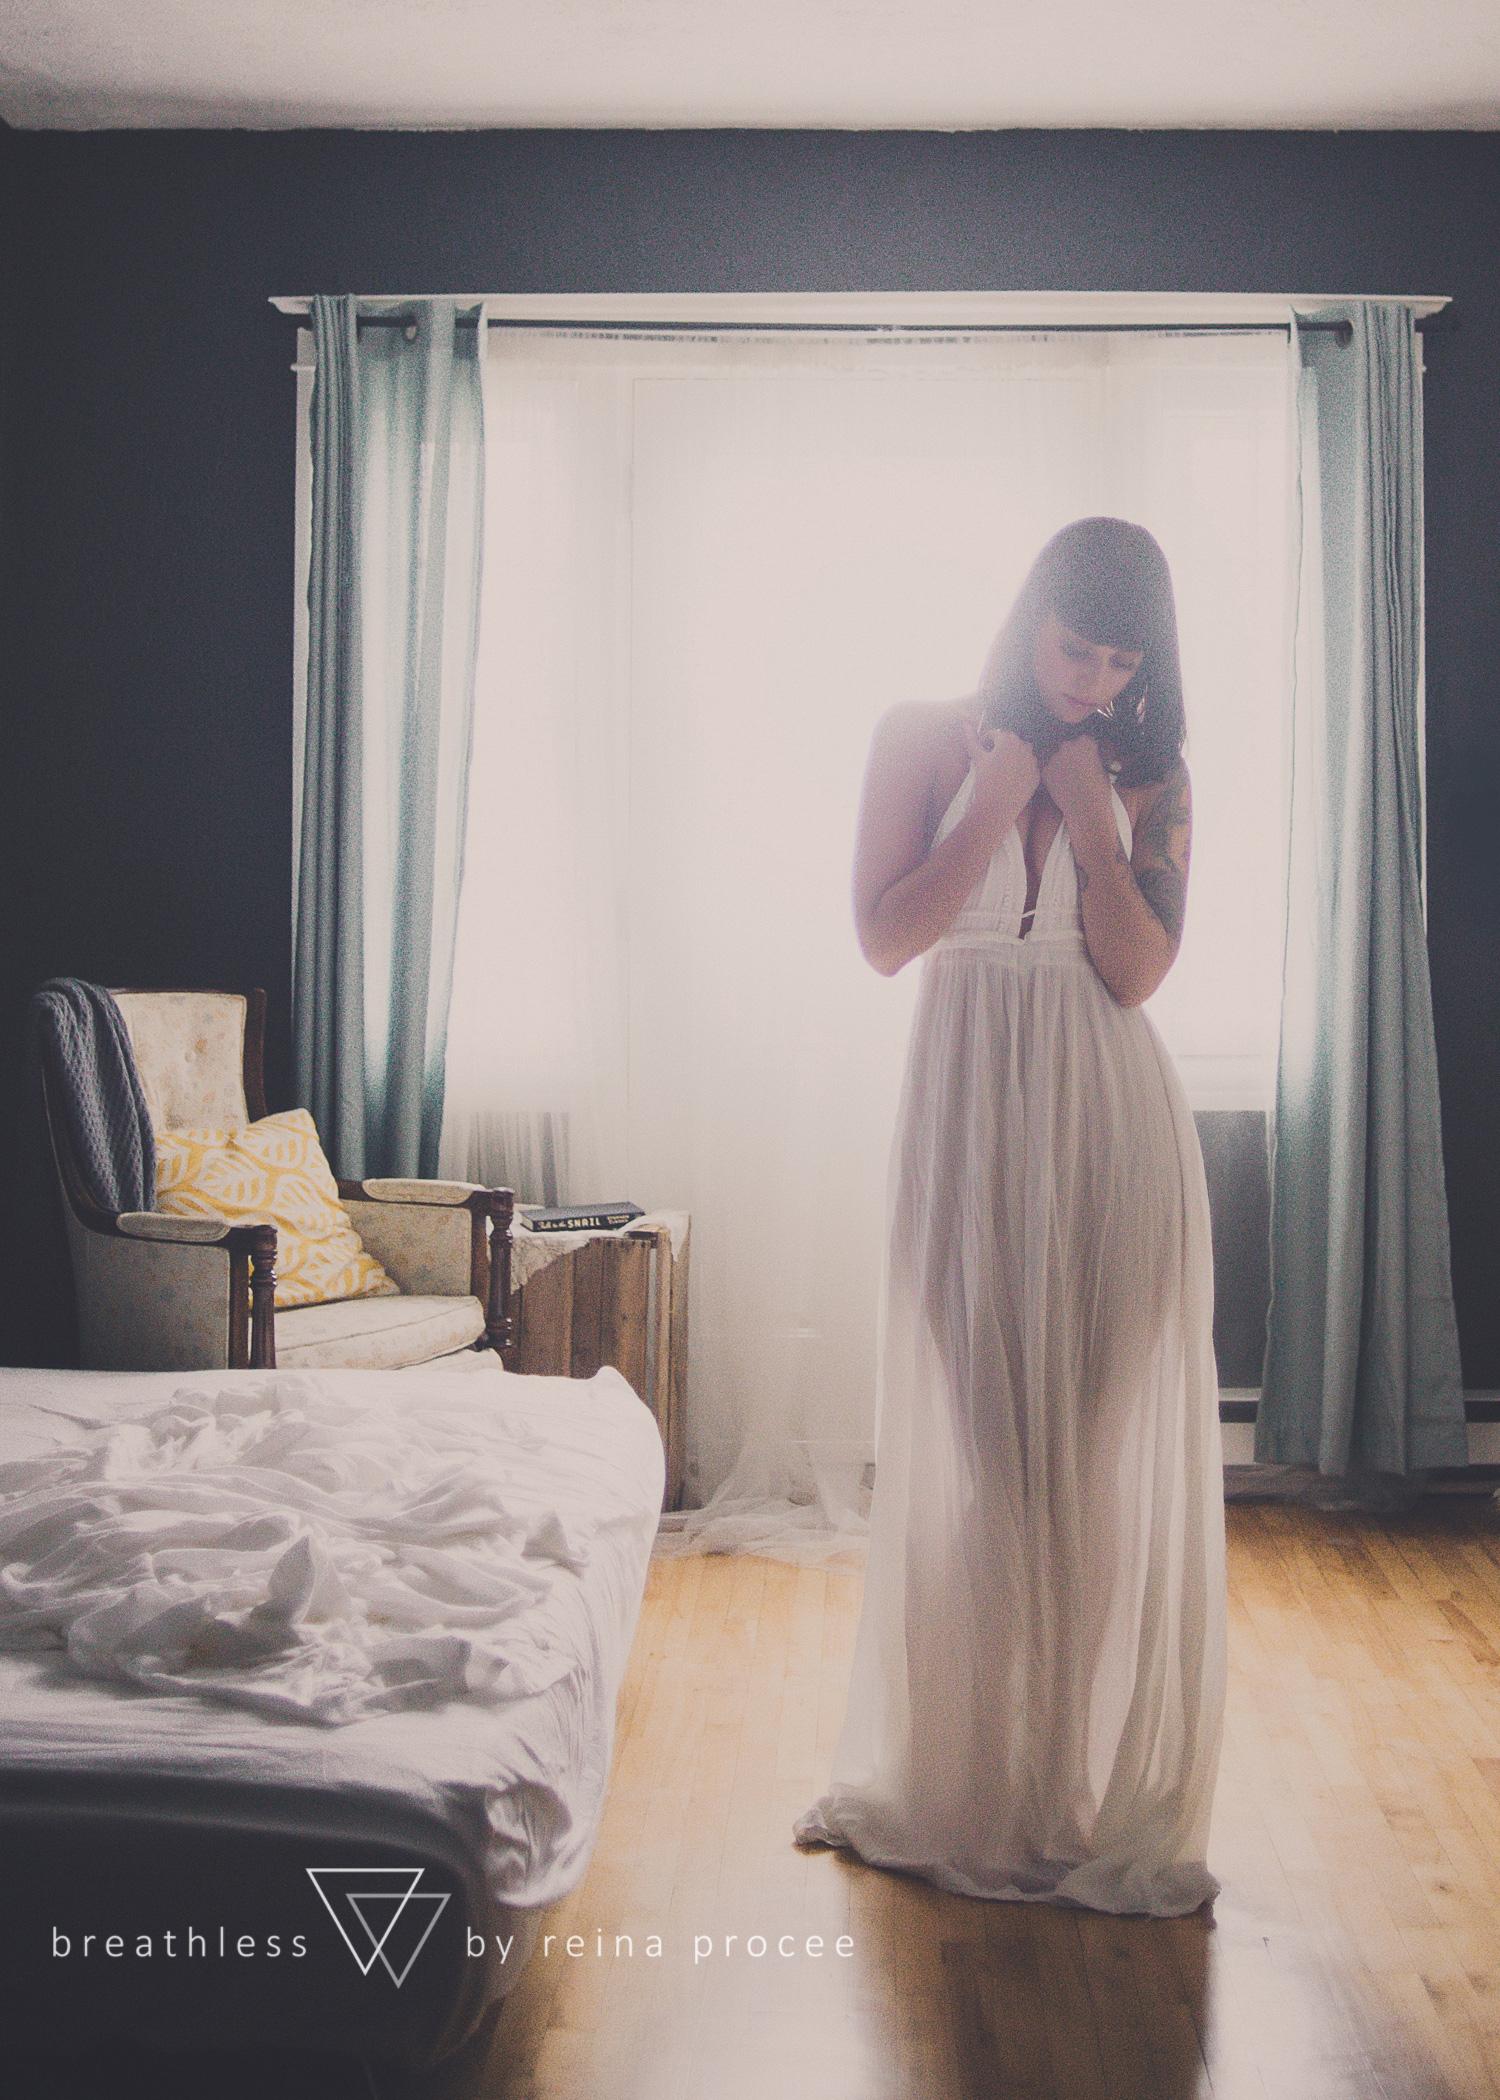 005-breathless-boudoir-montreal-fine-art-lingerie-photography-glamour-portrait-portraits-fineart.png